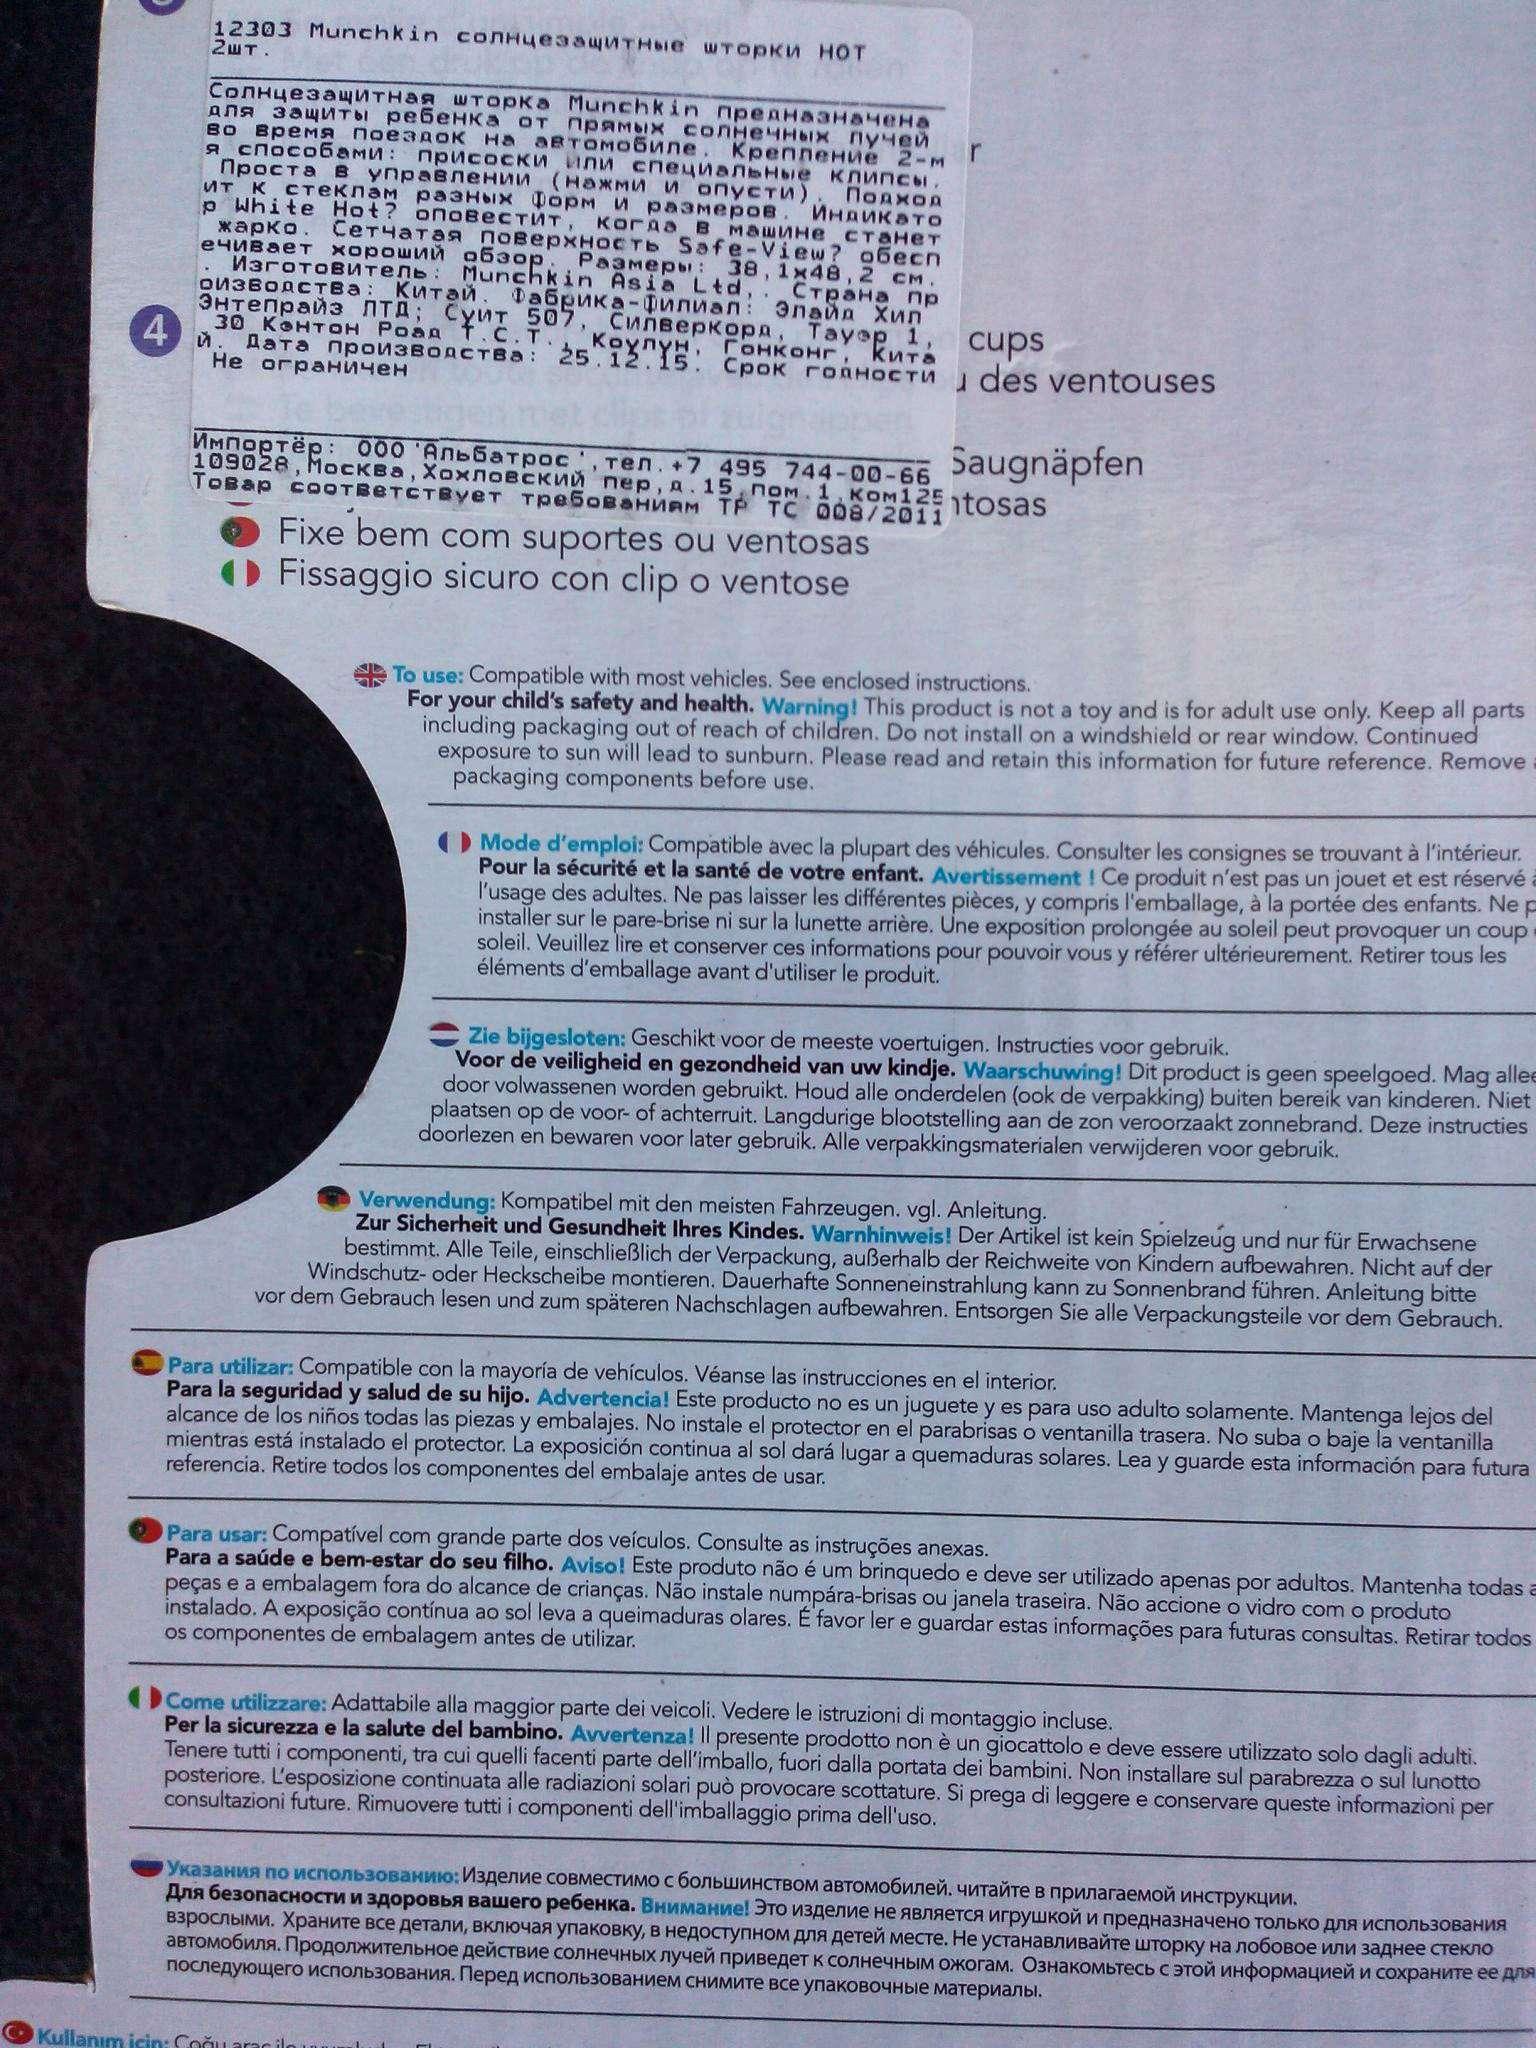 Atemberaubend Munchkin Kessel Teile Fotos - Elektrische Schaltplan ...